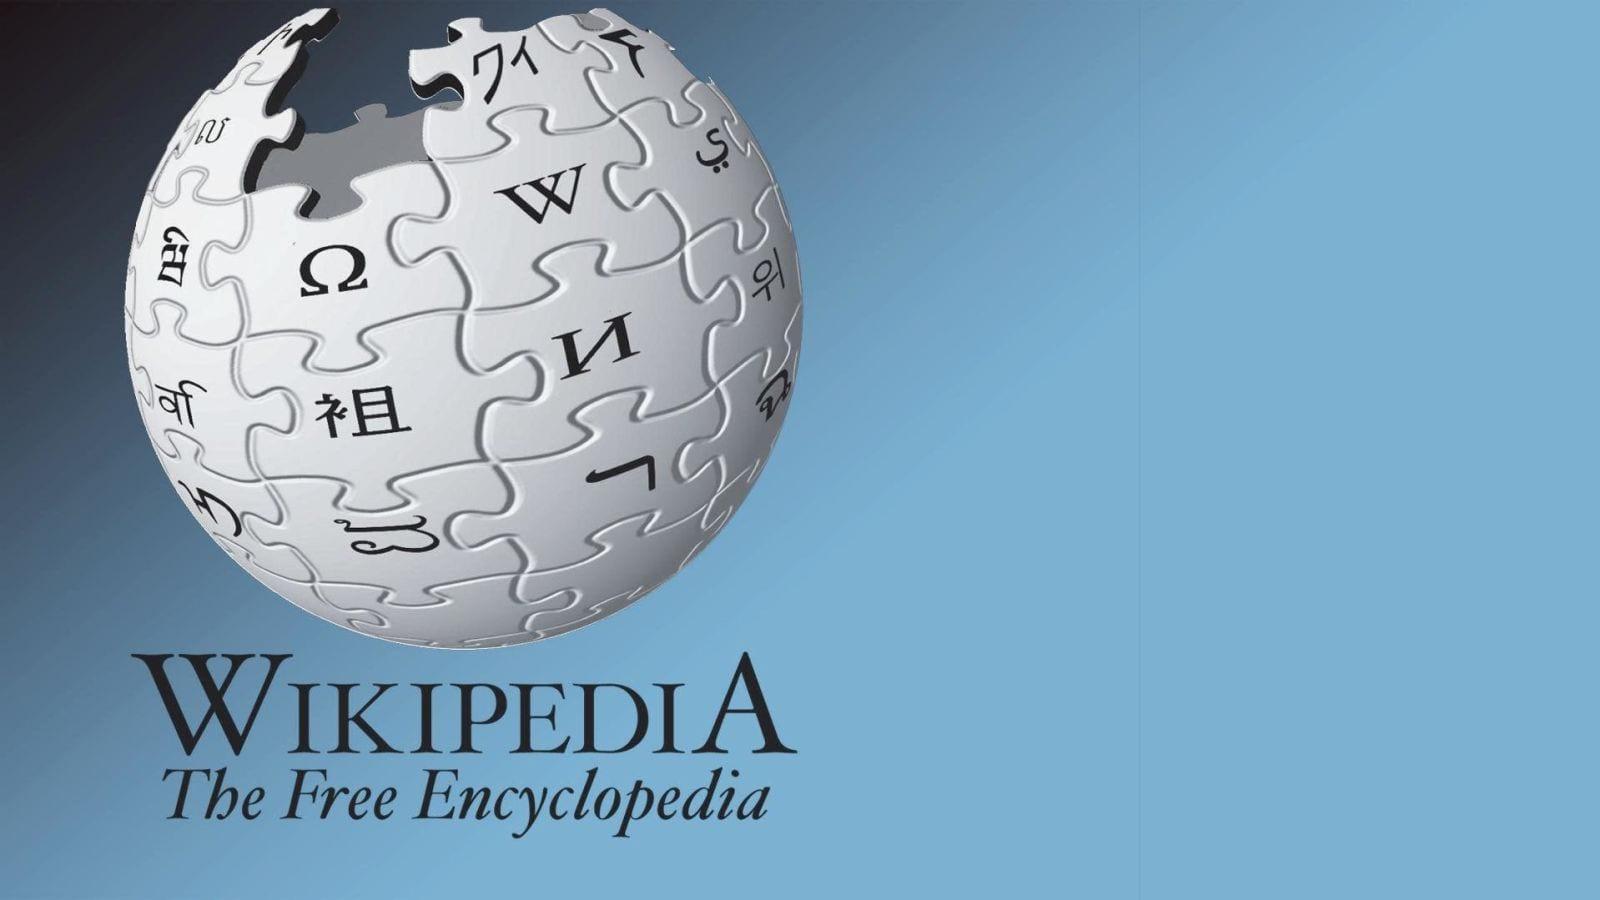 Wikipedia compie 20 anni: le iniziative per celebrare il compleanno dell'enciclopedia